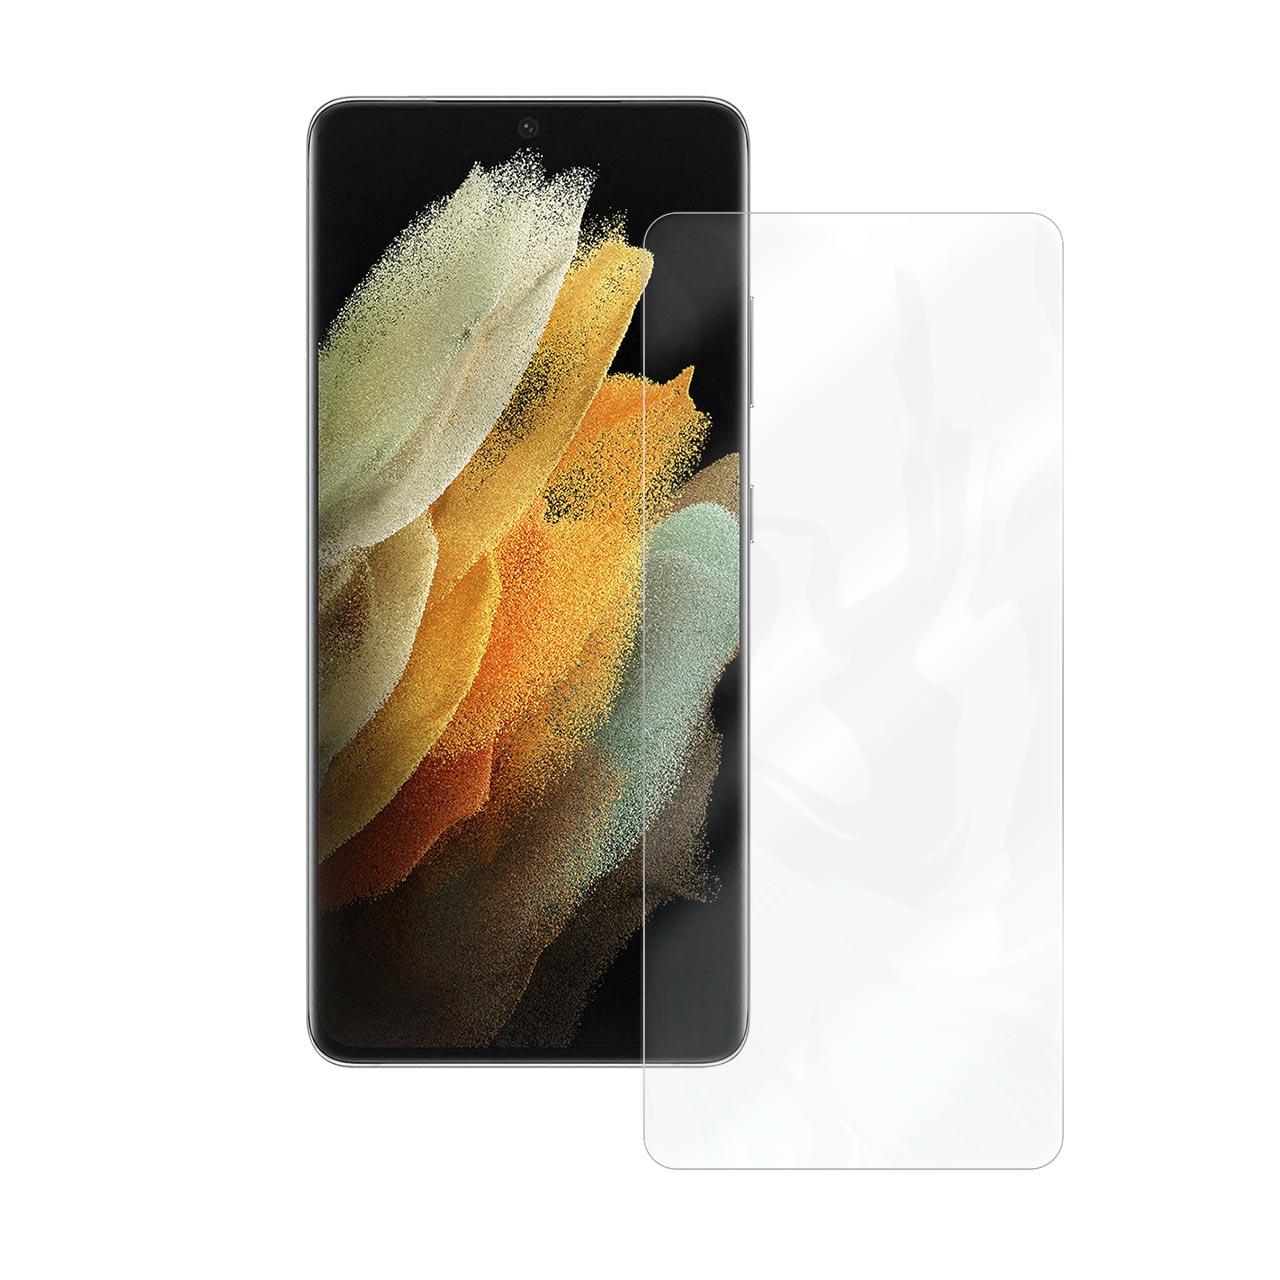 بررسی و {خرید با تخفیف} محافظ صفحه نمایش آنتی بلو راک اسپیس مدل 180L-01Y مناسب برای گوشی موبایل سامسونگ Galaxy S21 Ultra اصل